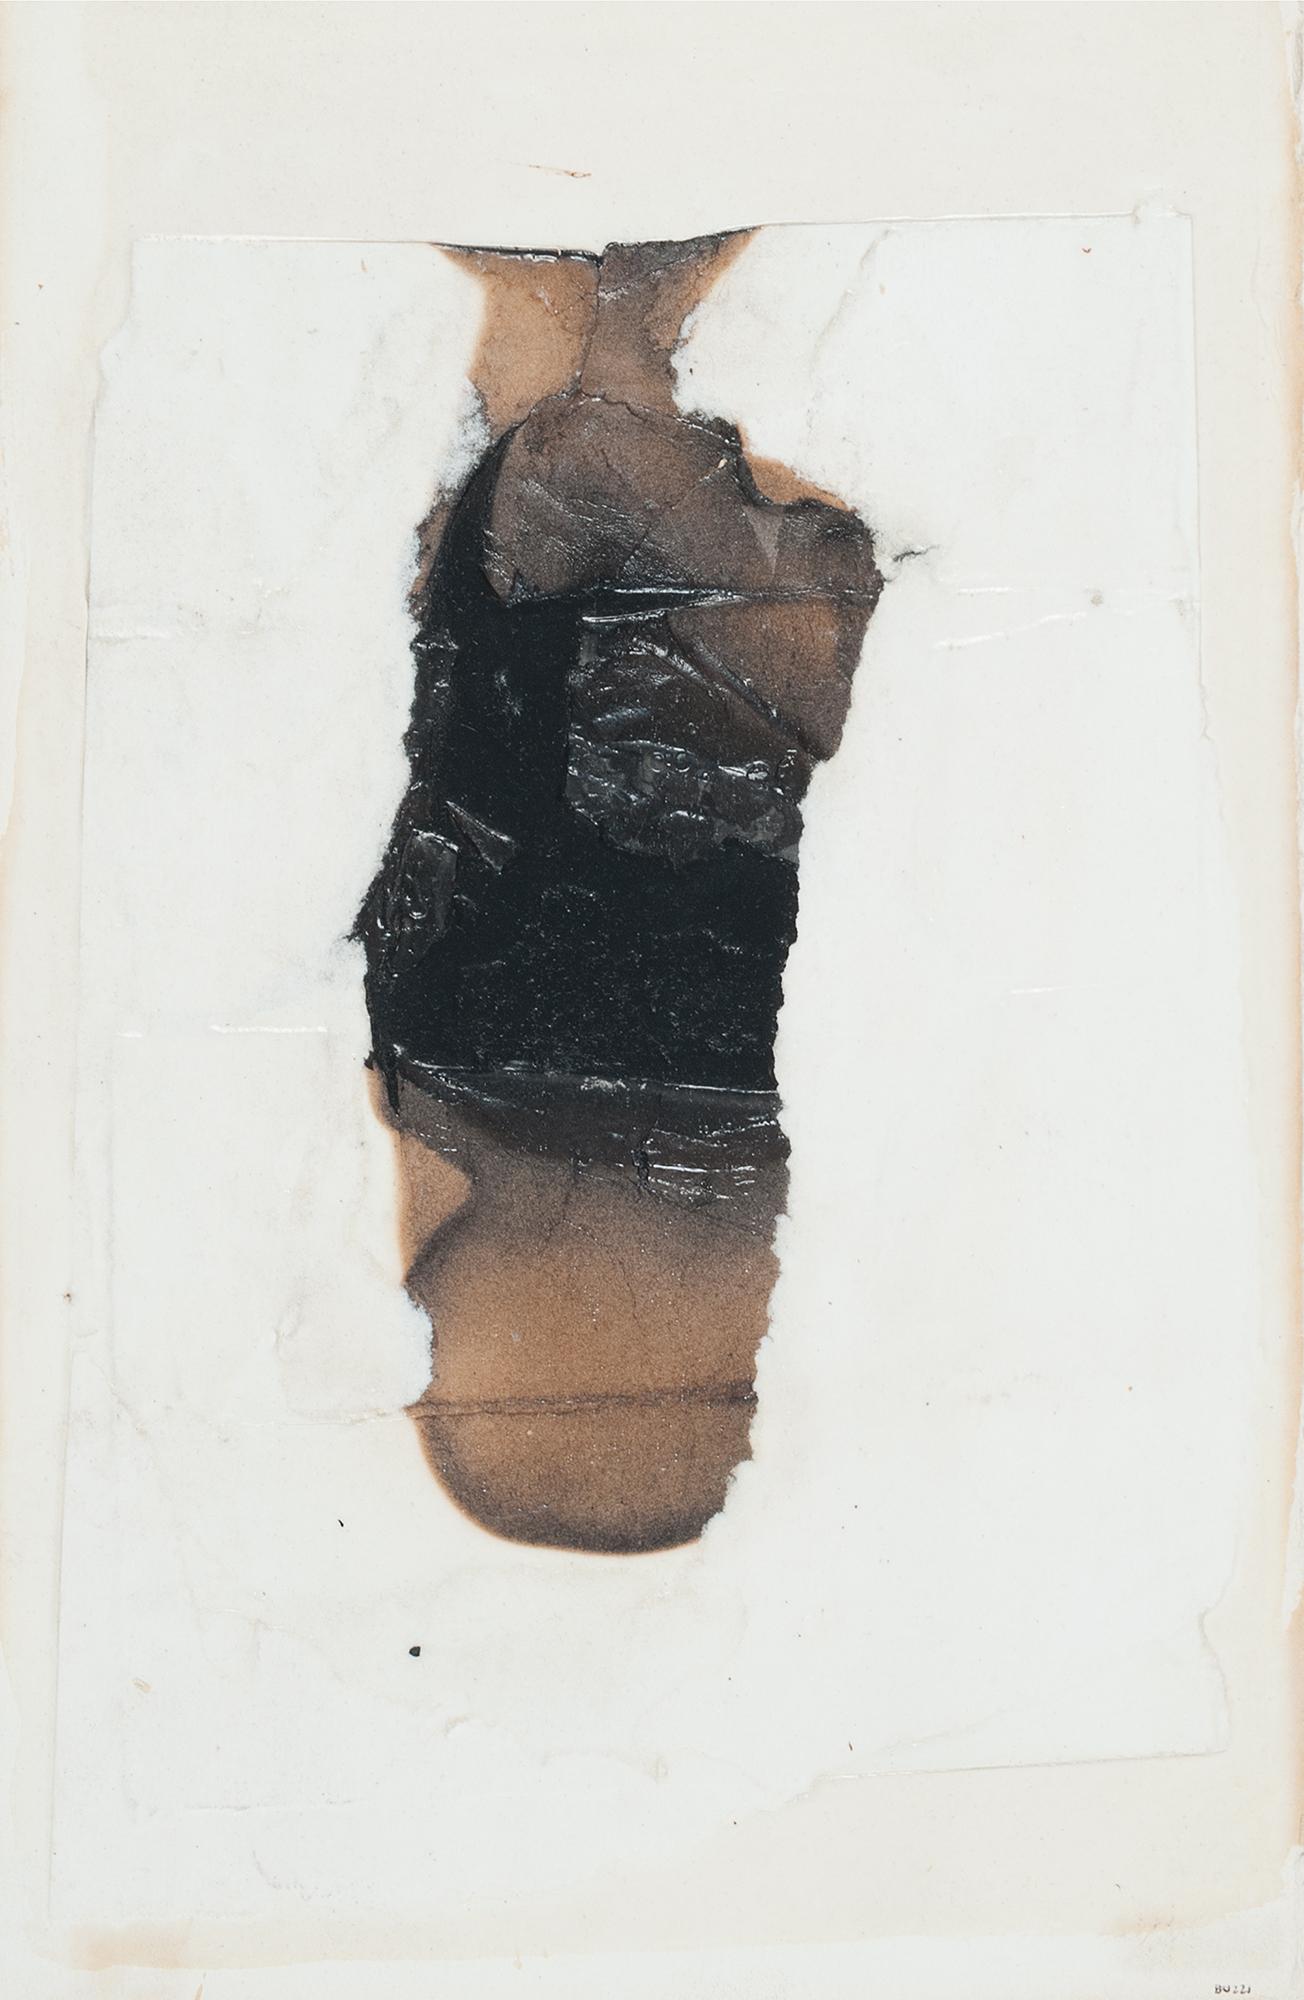 Alberto Burri, Combustione, 1964